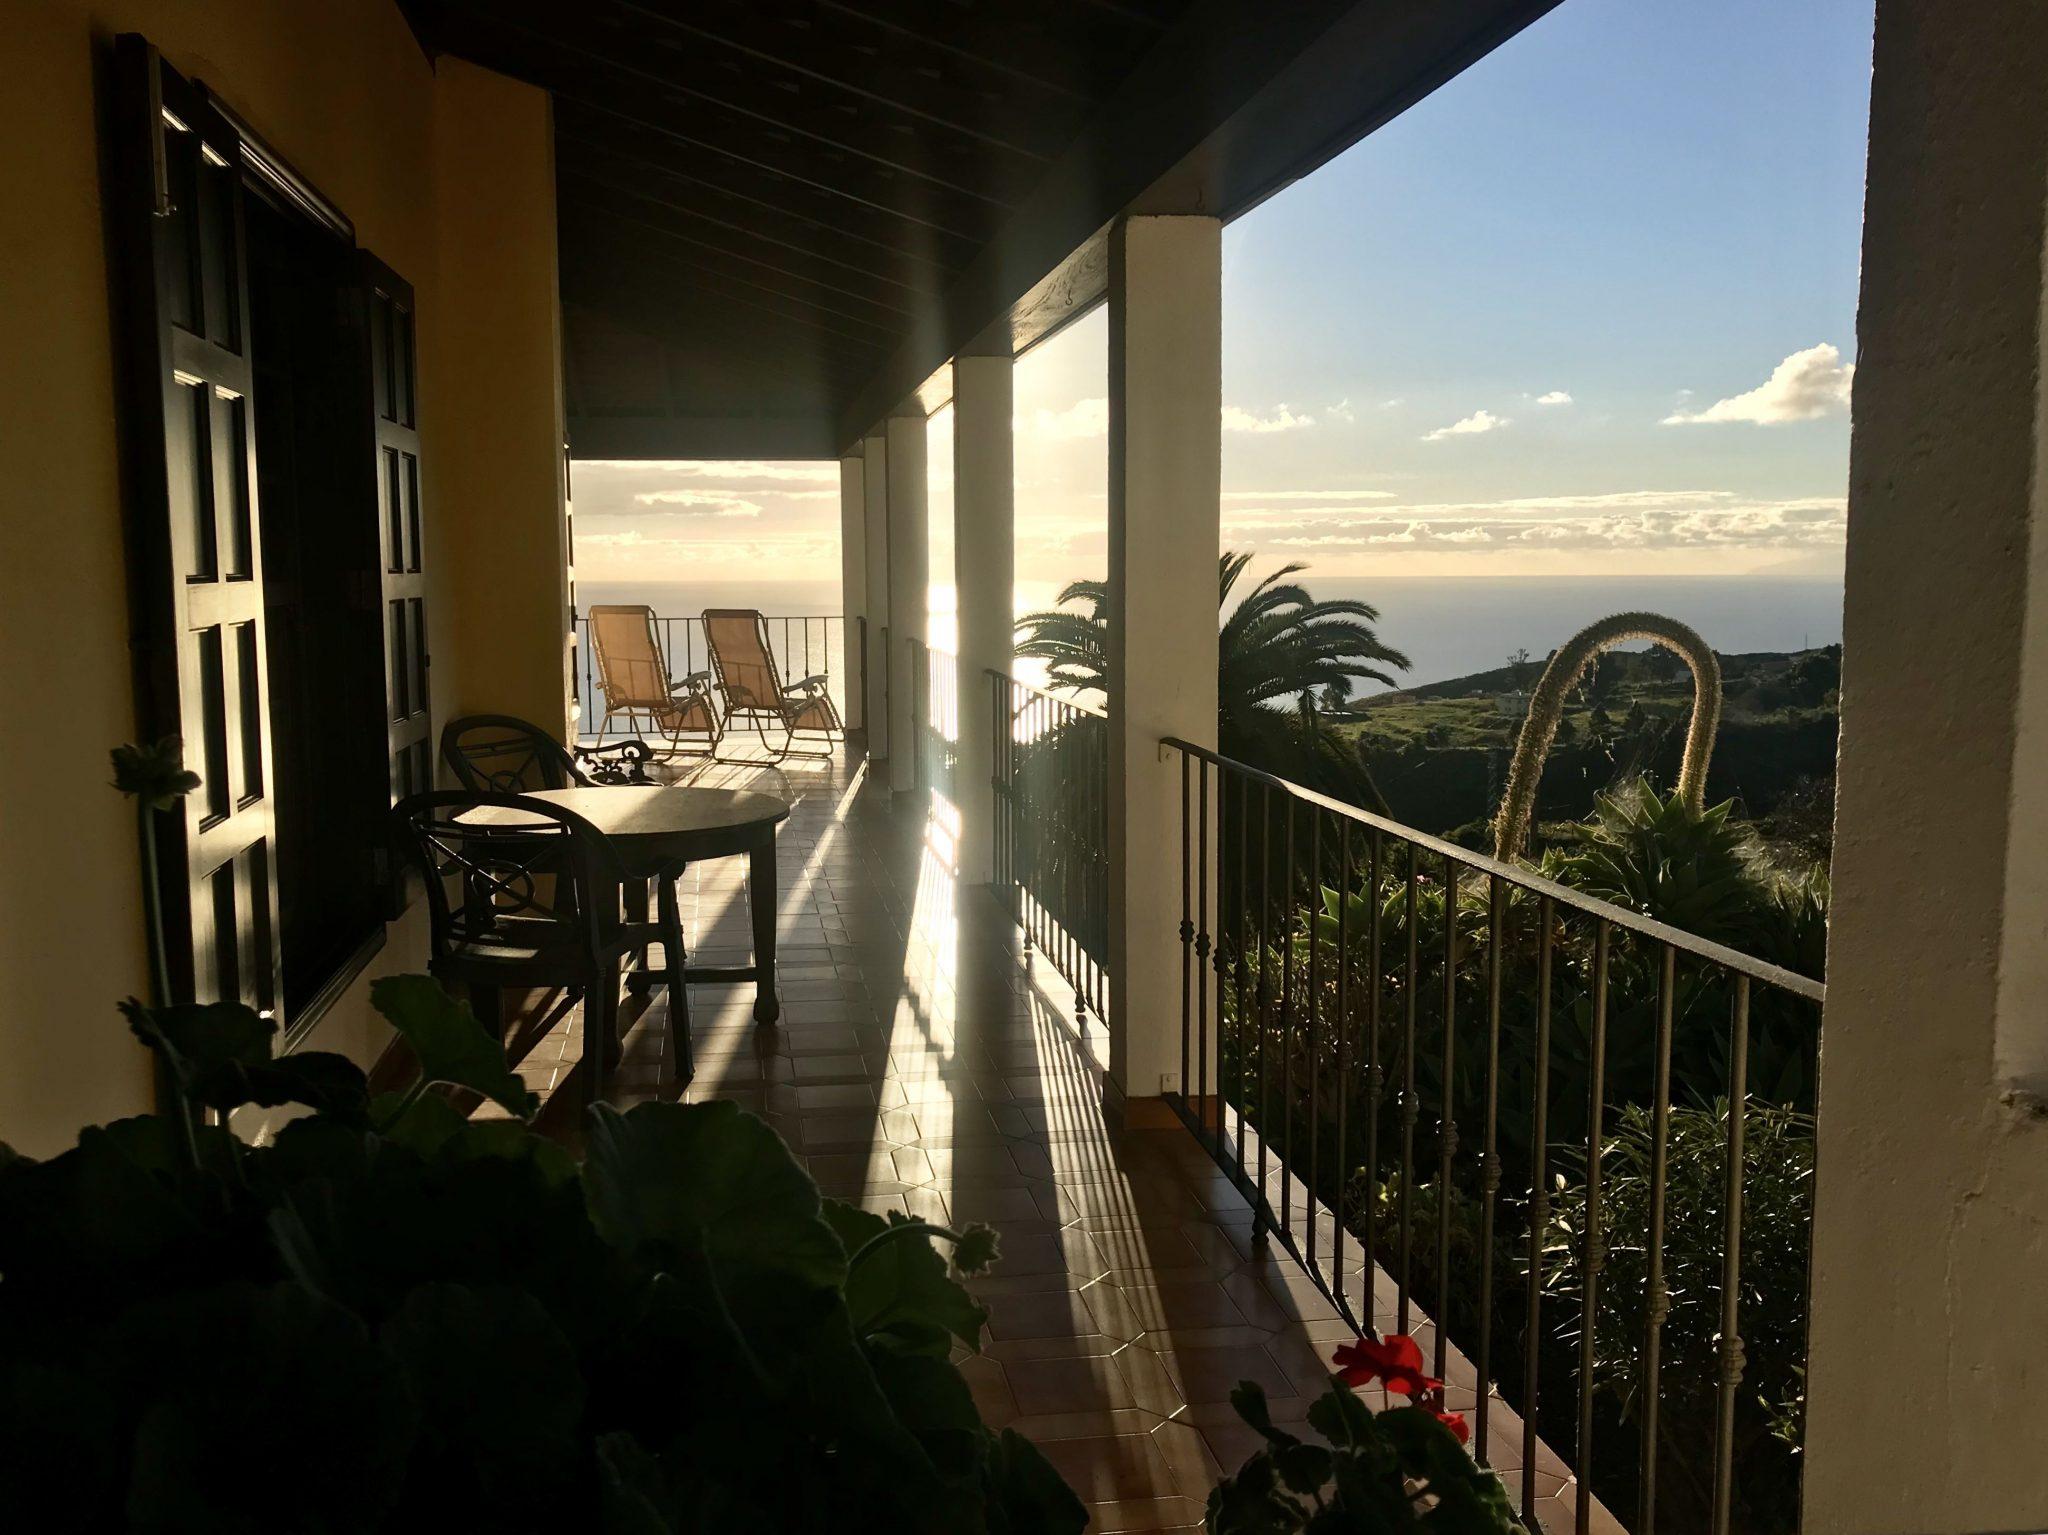 Meerblick vom umlaufenden Balkon